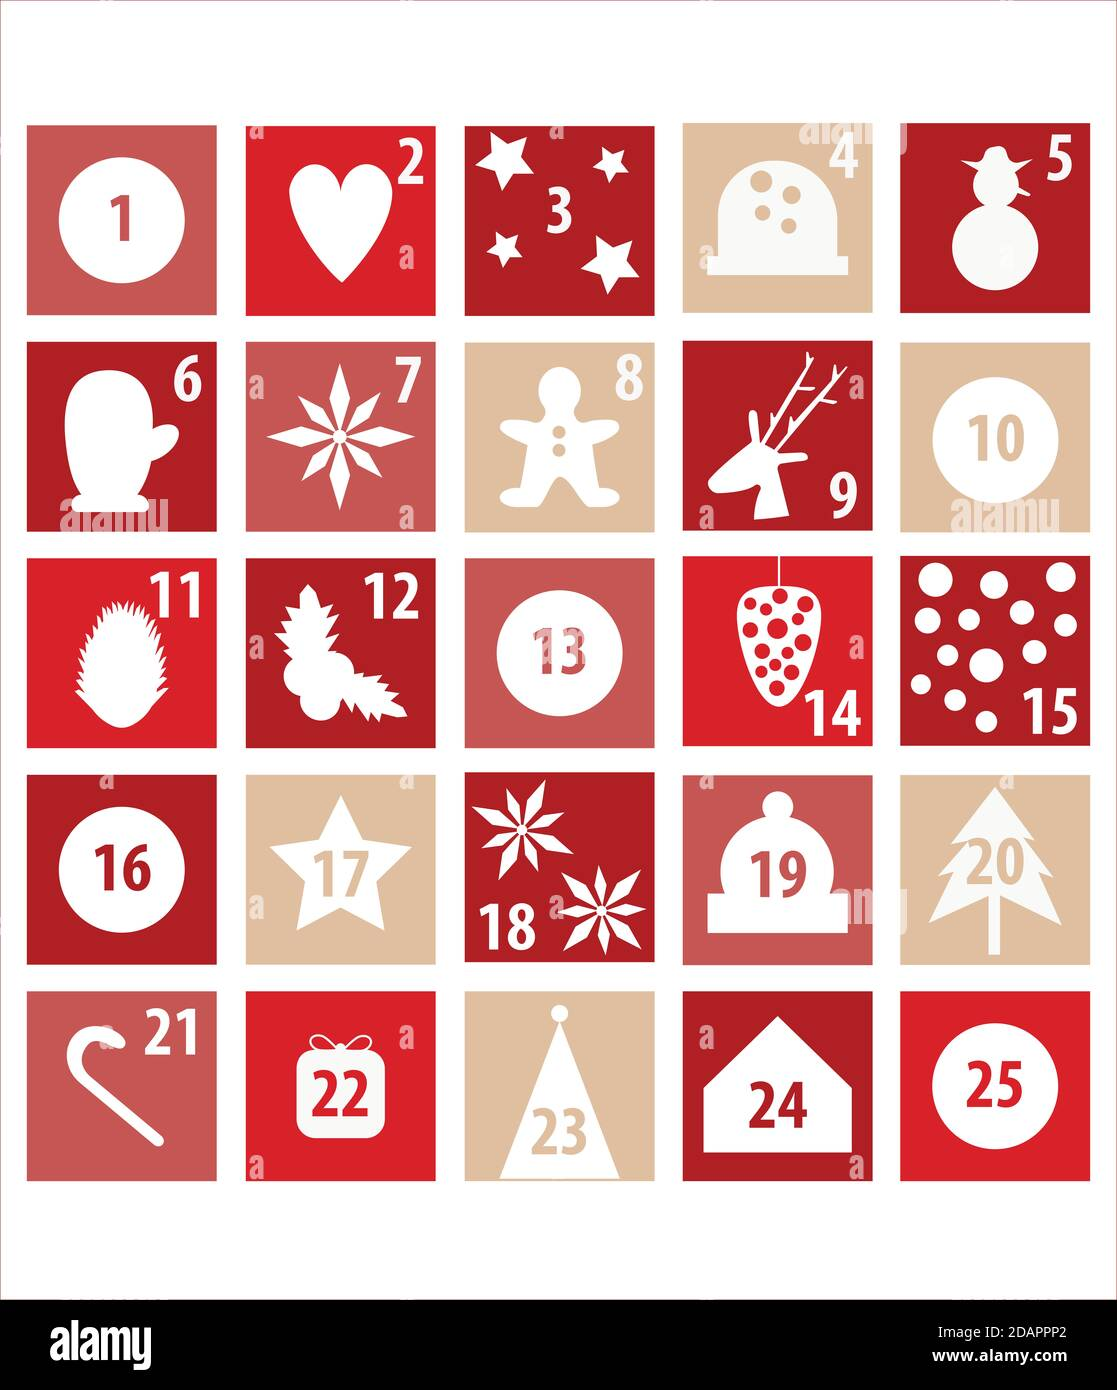 Ilustración del calendario de adviento para la cuenta atrás de Navidad. Rojo y blanco con símbolos de Navidad. Foto de stock